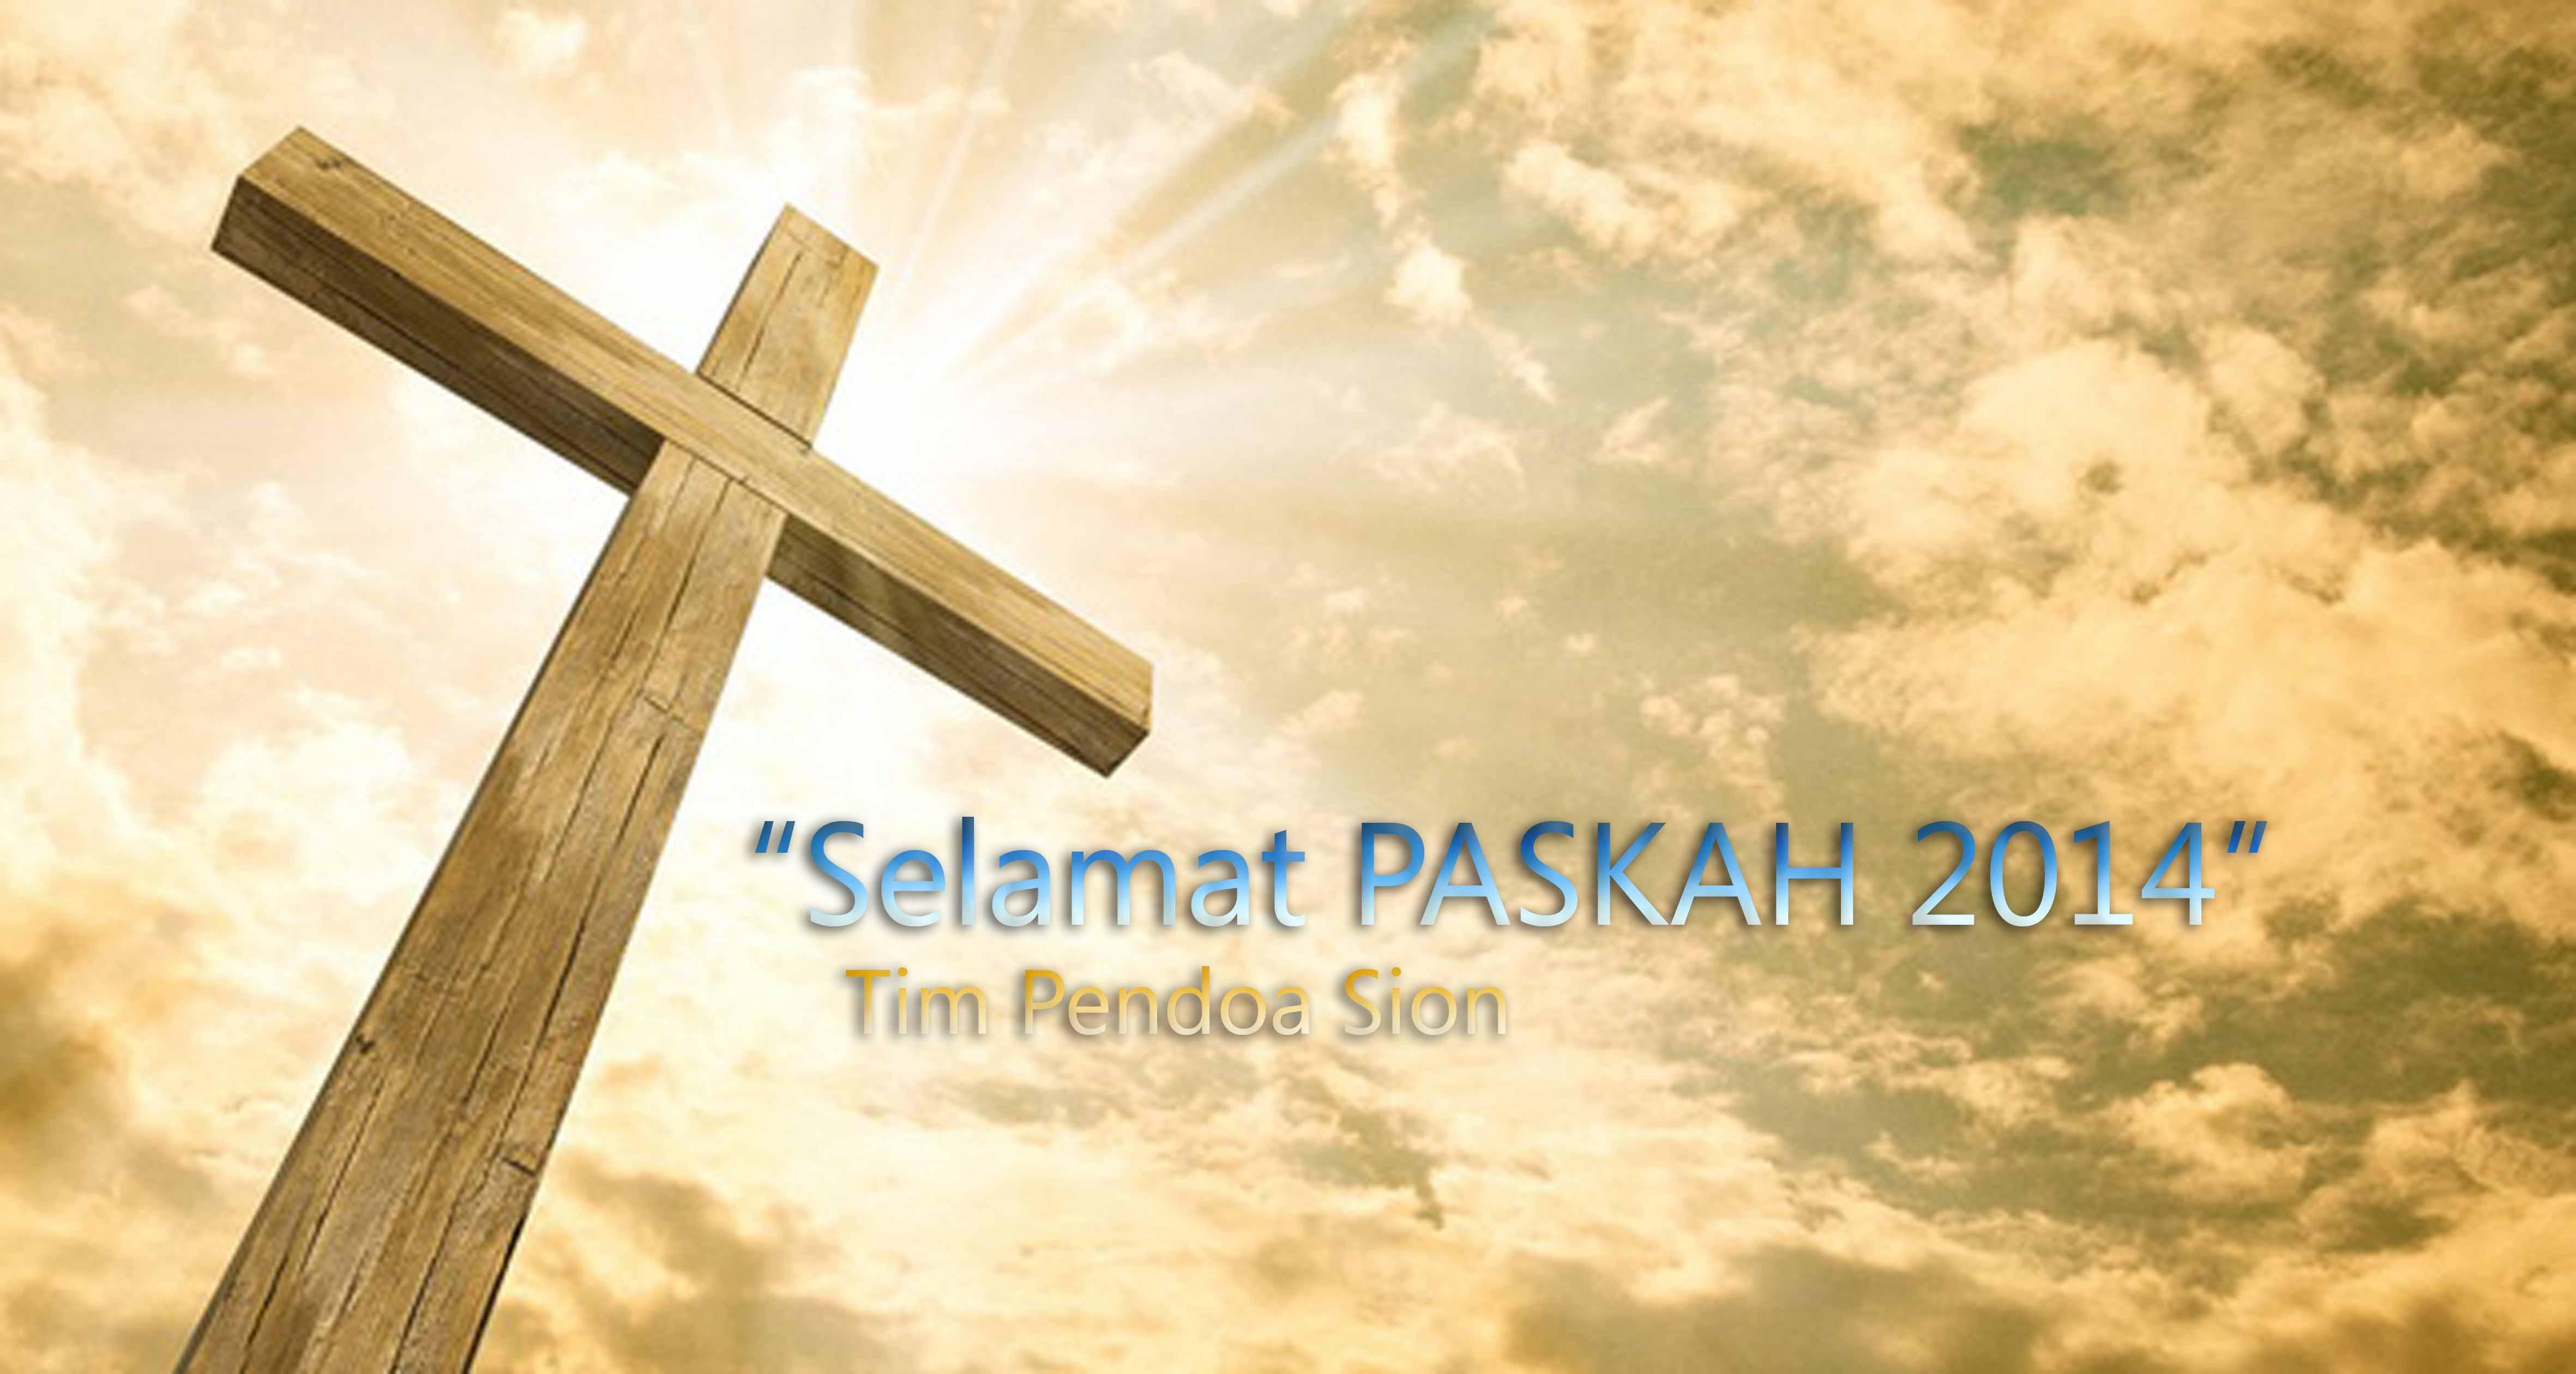 Salib Pendoa Sion Blog S